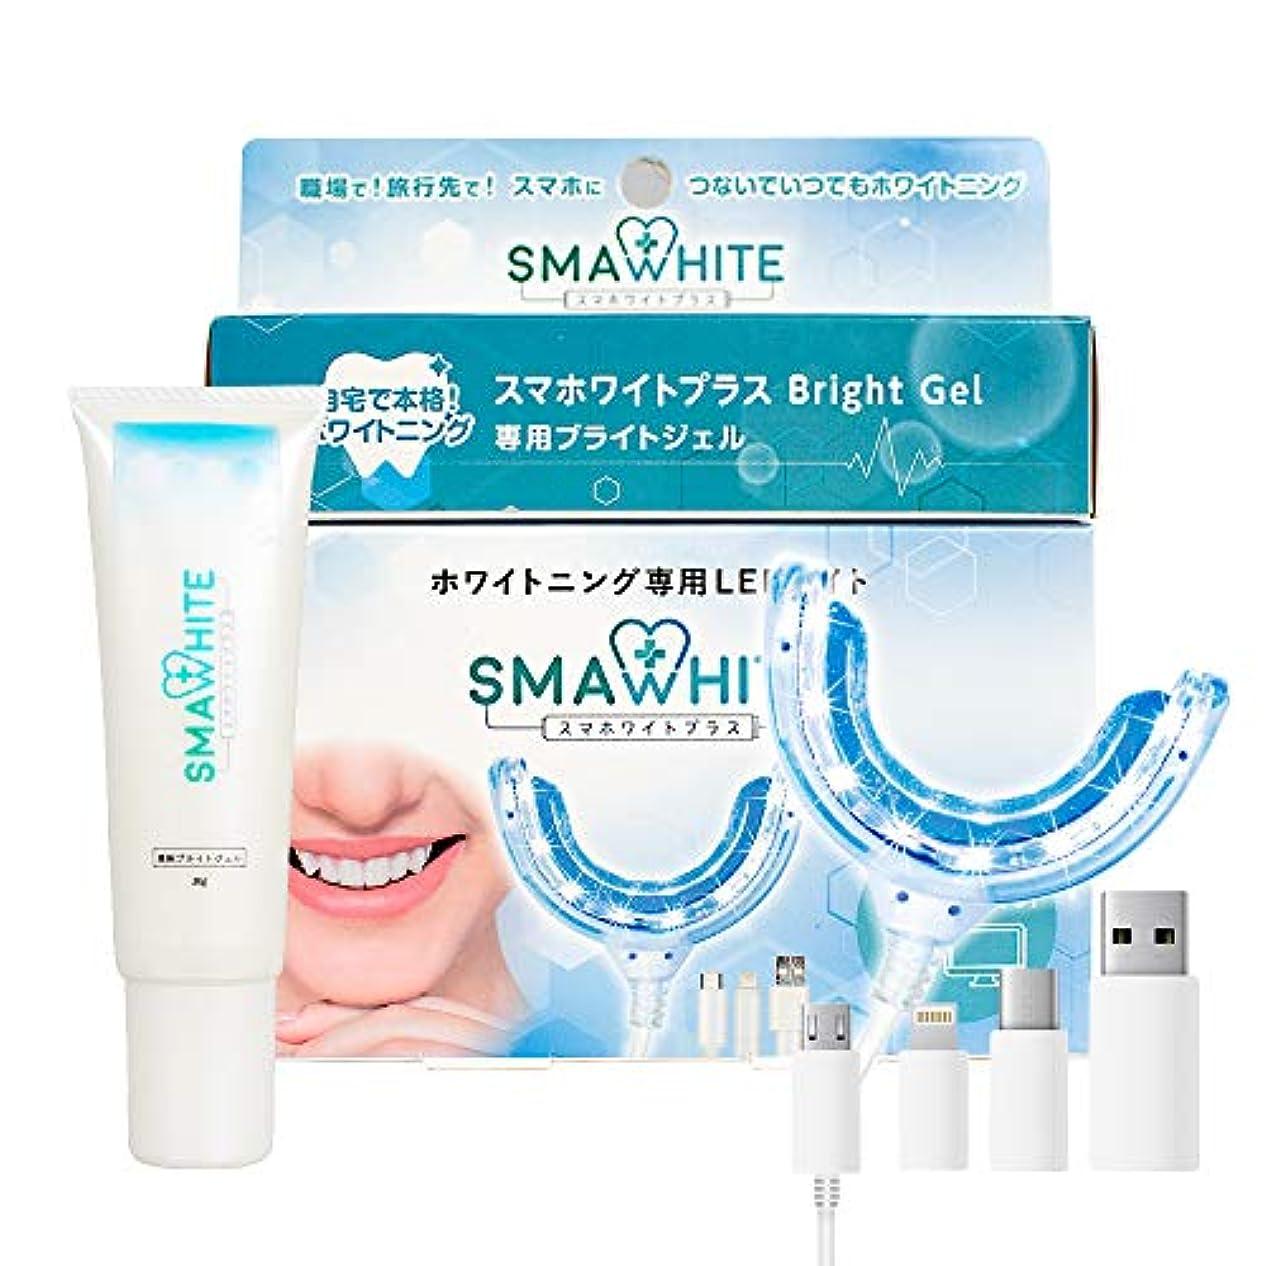 モトリー二モードリンスマホワイトプラス(SMAWHITE+) ホワイトニングキット LEDマウスピース+専用ジェル30g 初めての方向けセット 自宅で簡単 歯のセルフホワイトニング [一般医療機器]